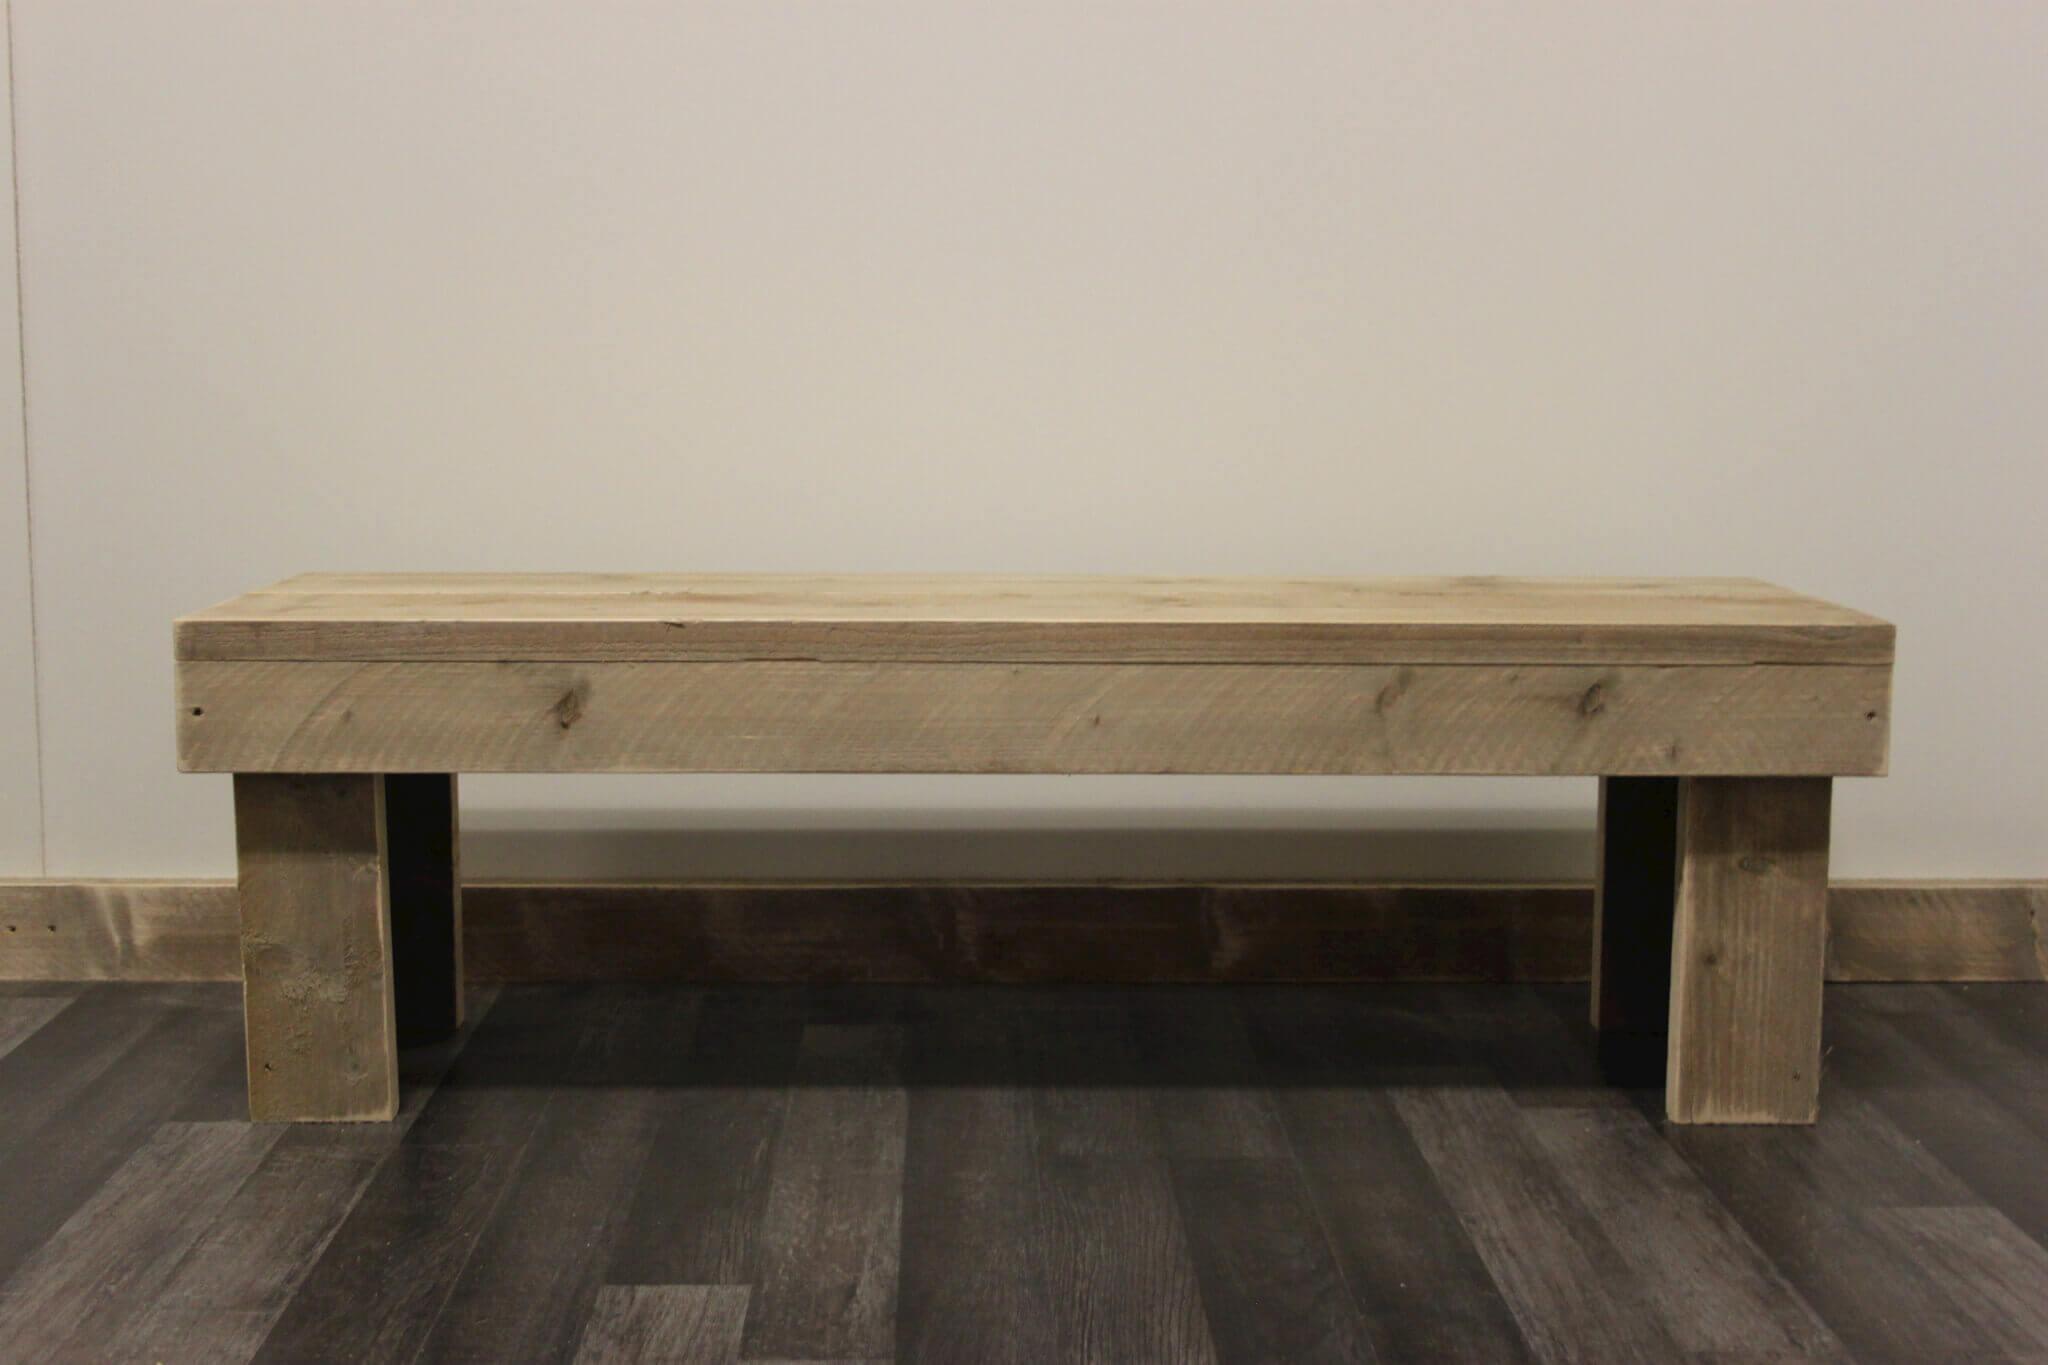 Houten Bankje Slaapkamer : Voorkeur houten bankje slaapkamer ec belbin